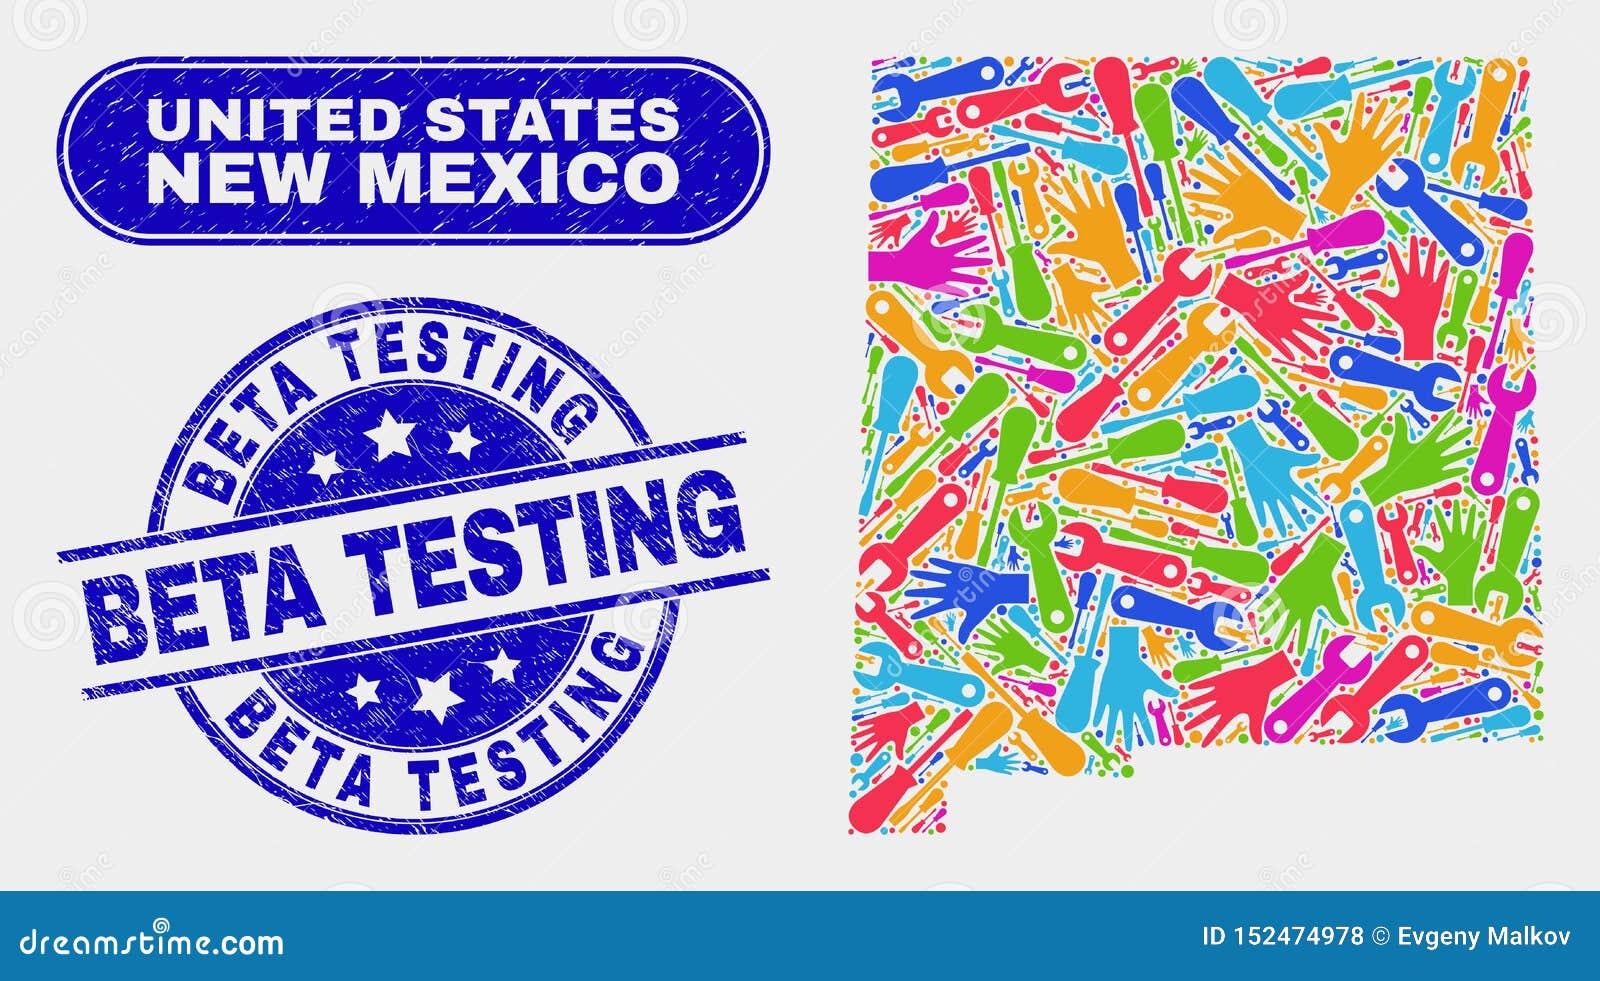 Ny produktivitet - Mexiko statöversikt och Grunge Beta Testing Watermarks